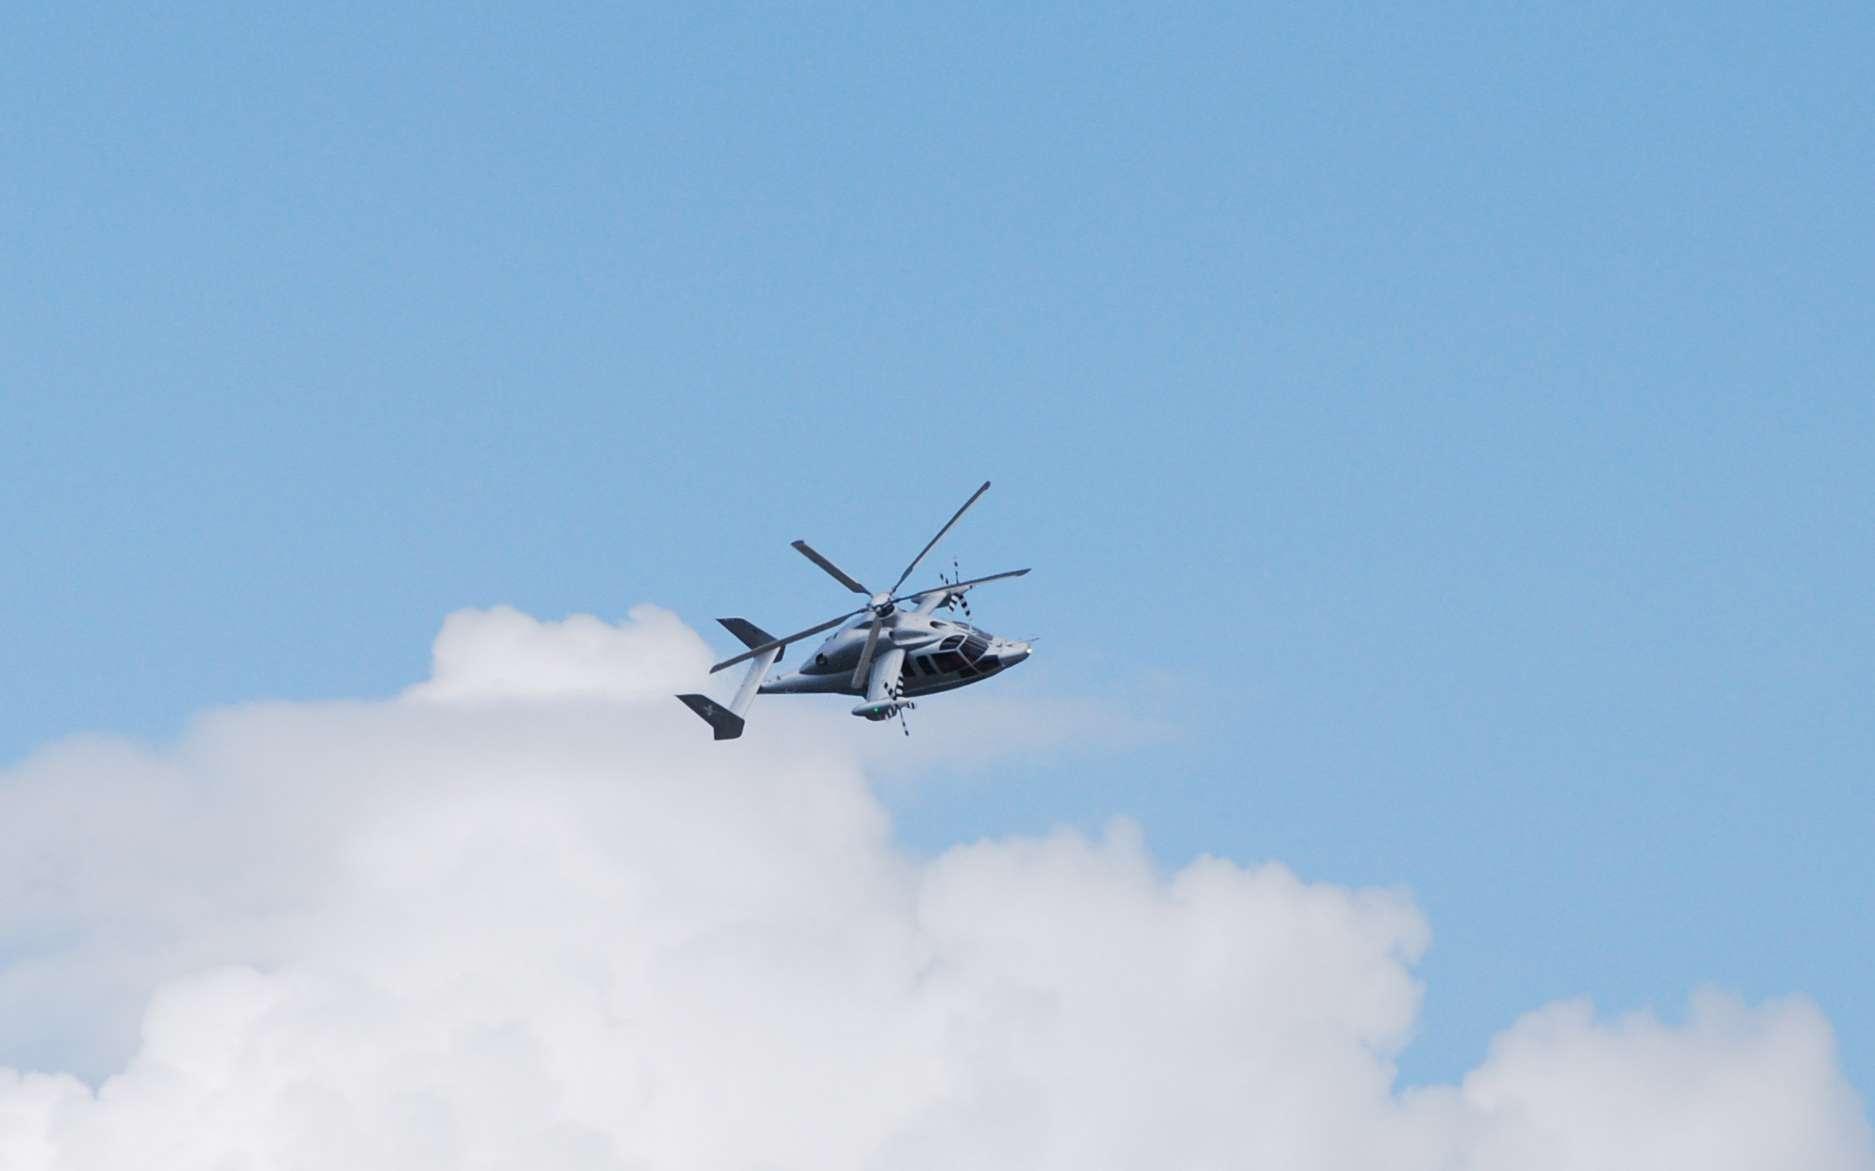 Présenté en première mondiale au Salon du Bourget, l'X3 d'Eurocopter a réalisé son premier vol en septembre 2010. Il affiche une trentaine d'heures de vol et atteint la vitesse de 430 kilomètres, un exploit remarquable pour un hélicoptère. © Rémy Decourt